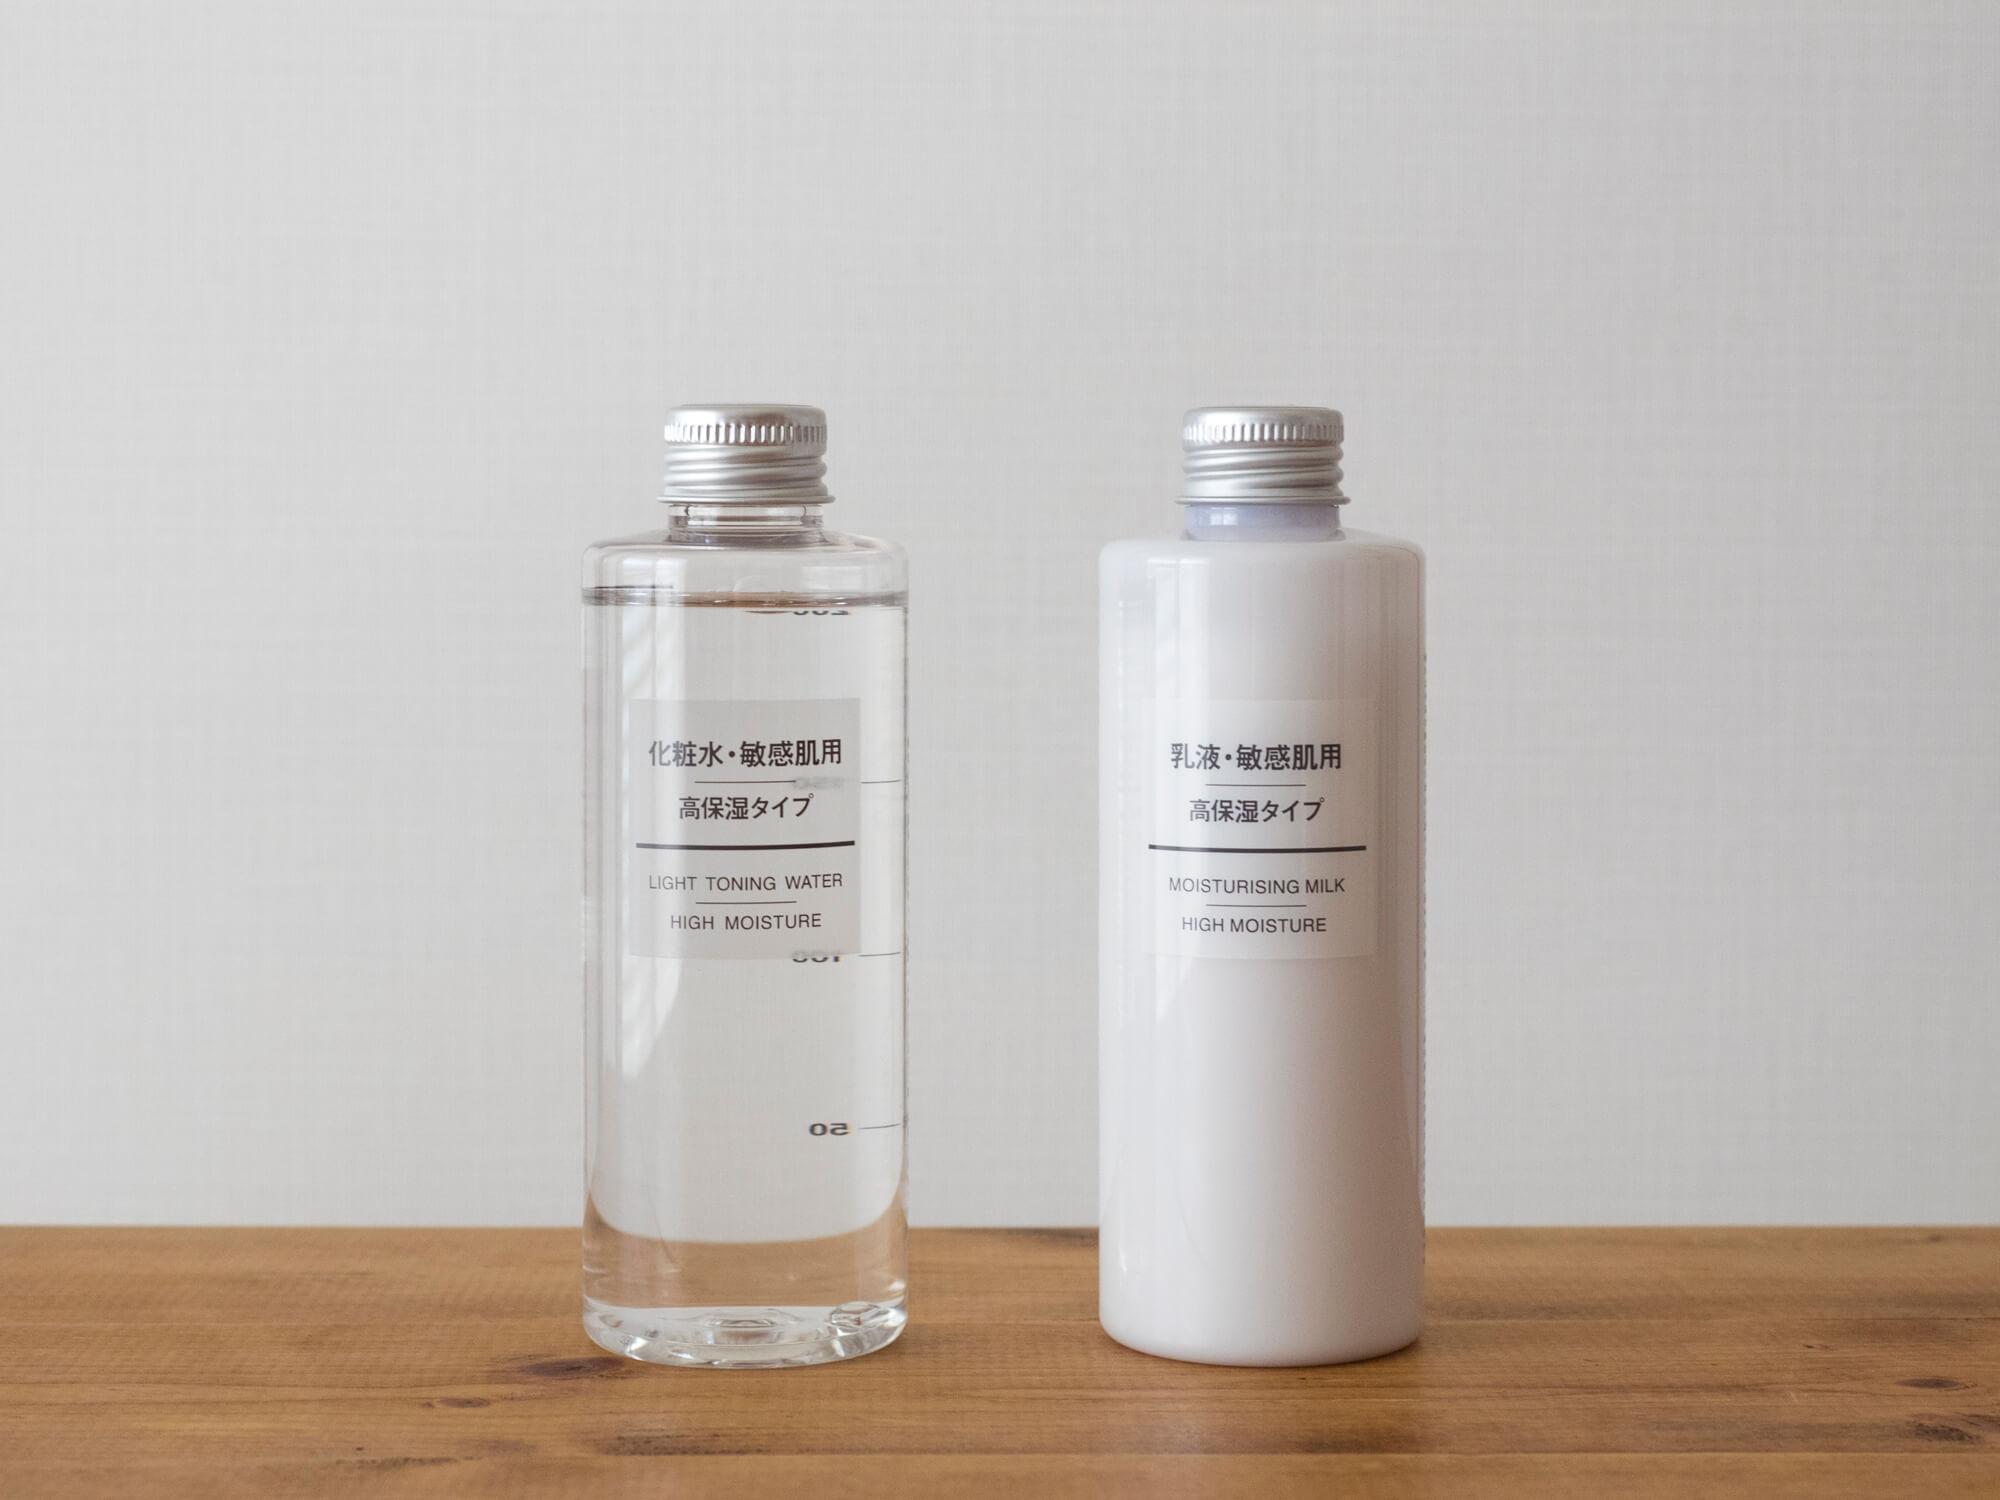 無印良品の化粧水・乳液はシンプル